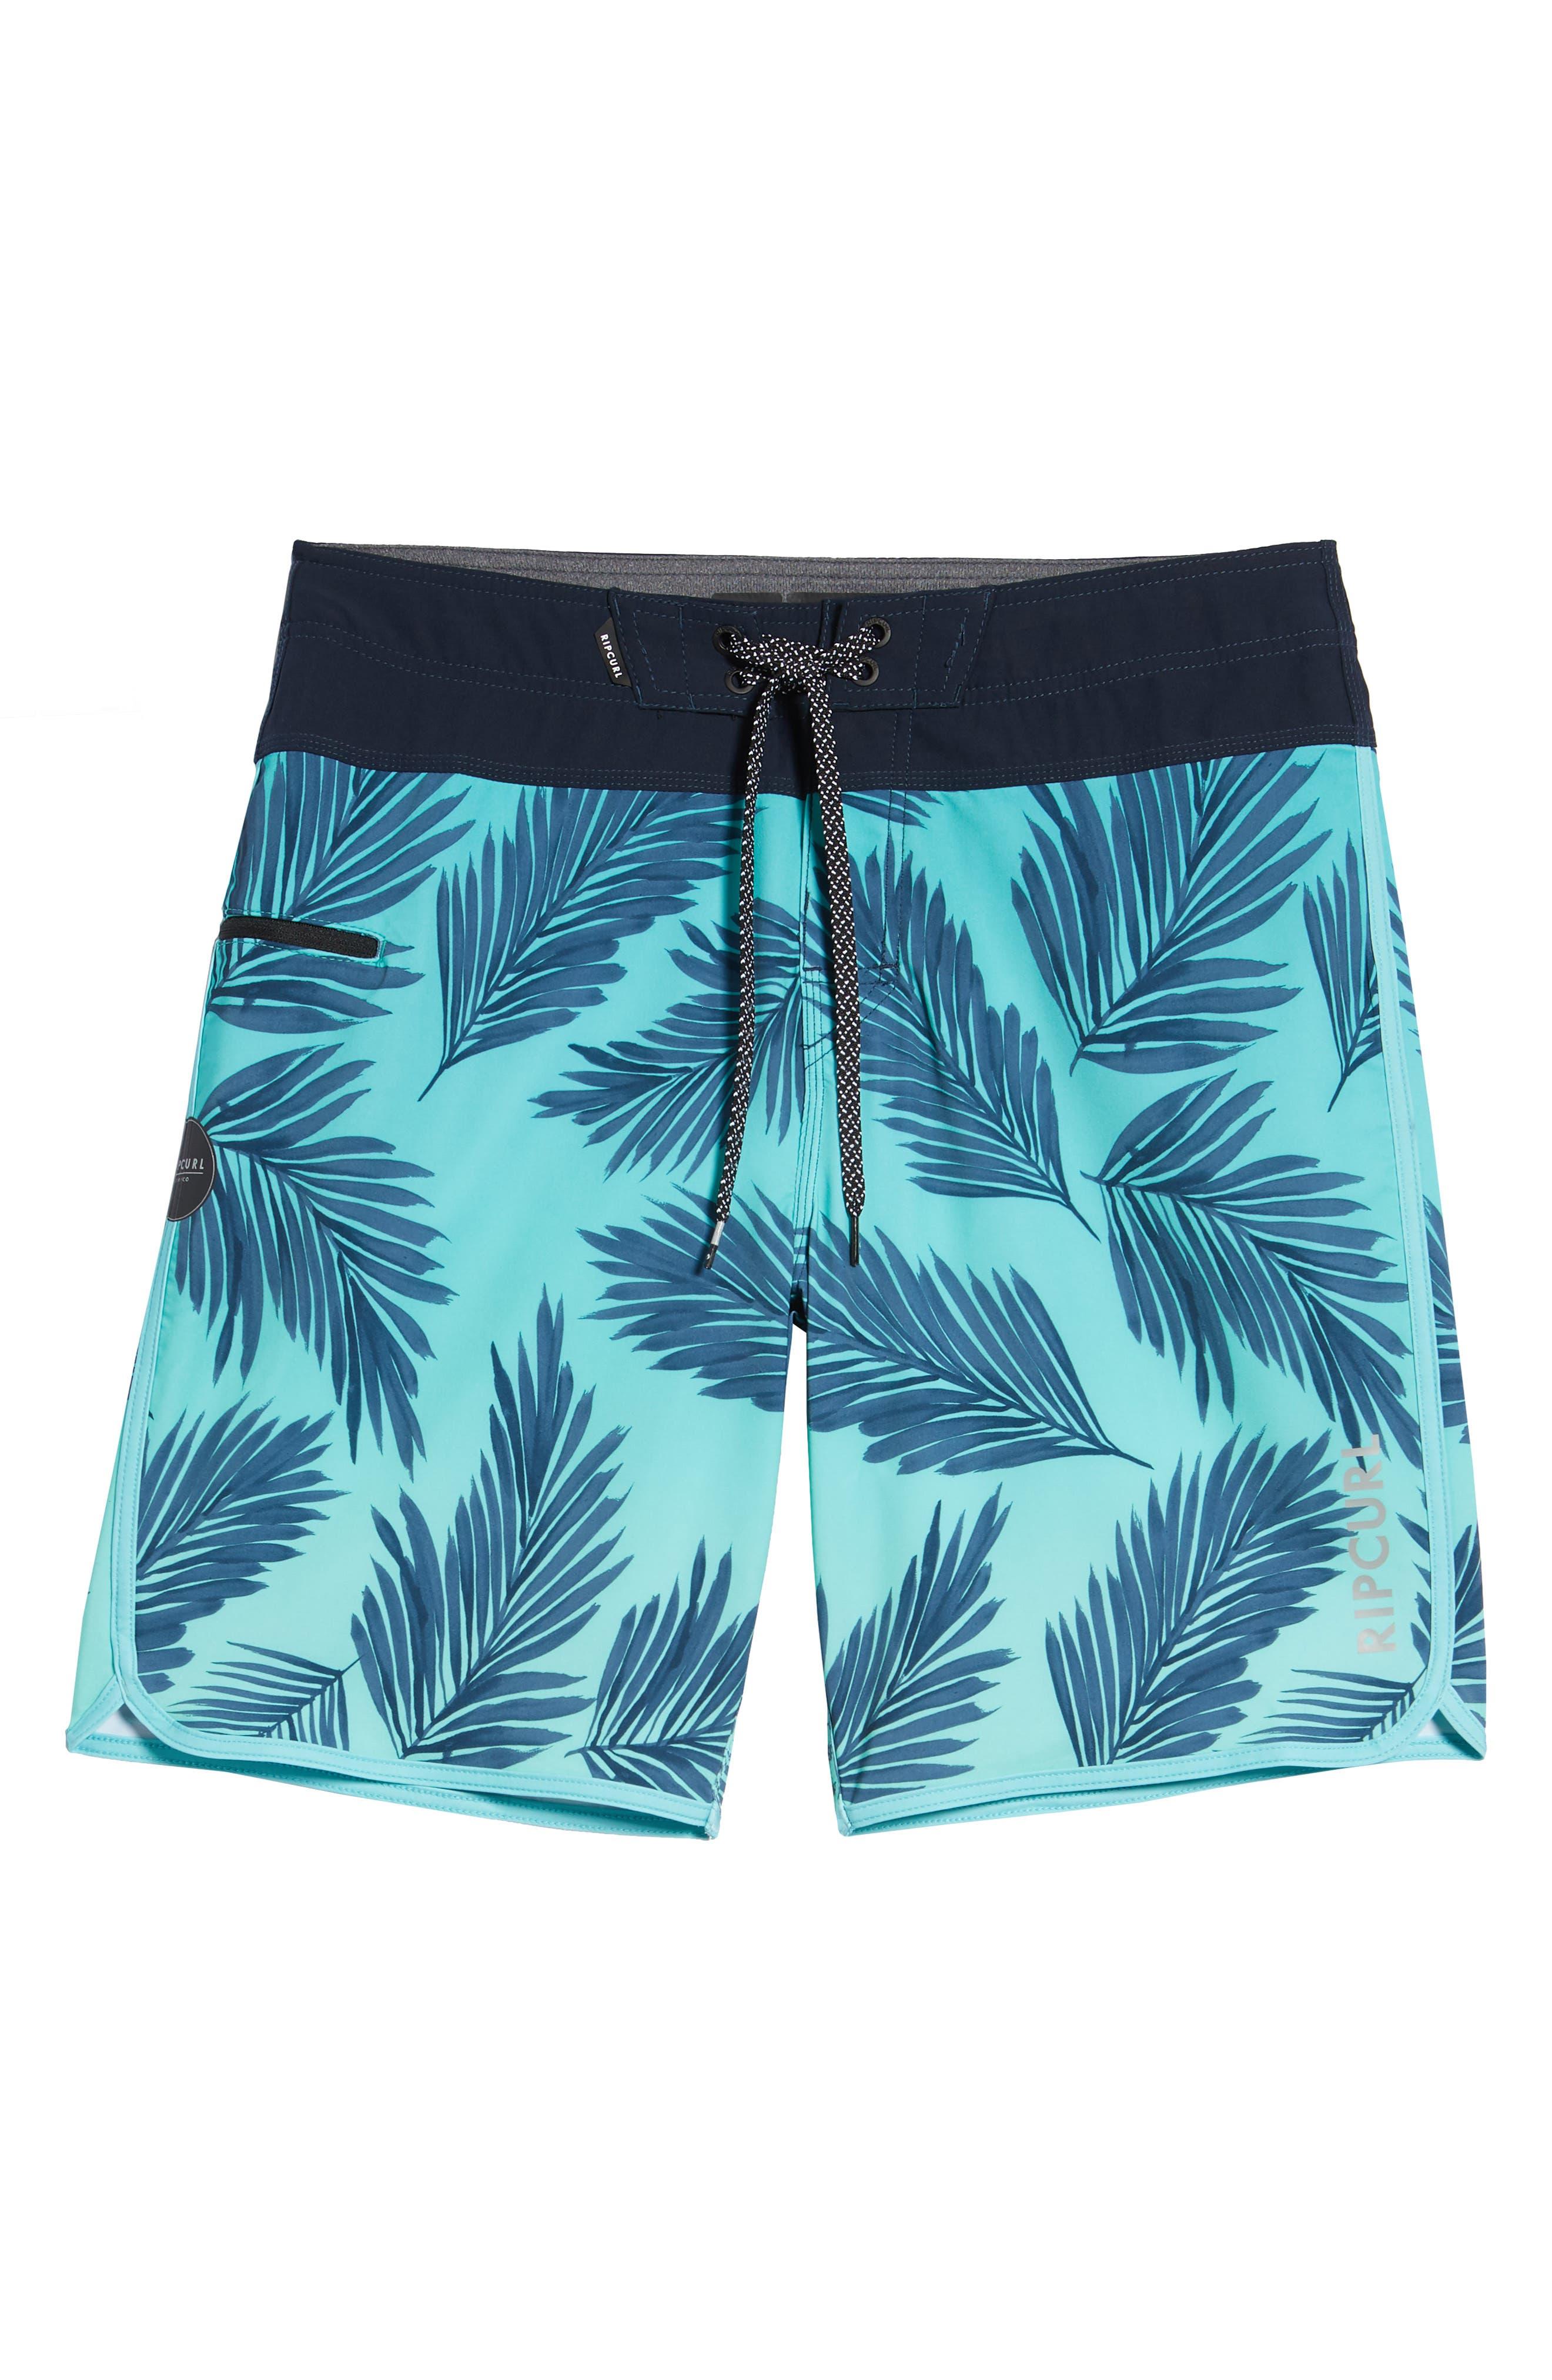 Mirage Mason Rockies Board Shorts,                             Alternate thumbnail 6, color,                             Teal